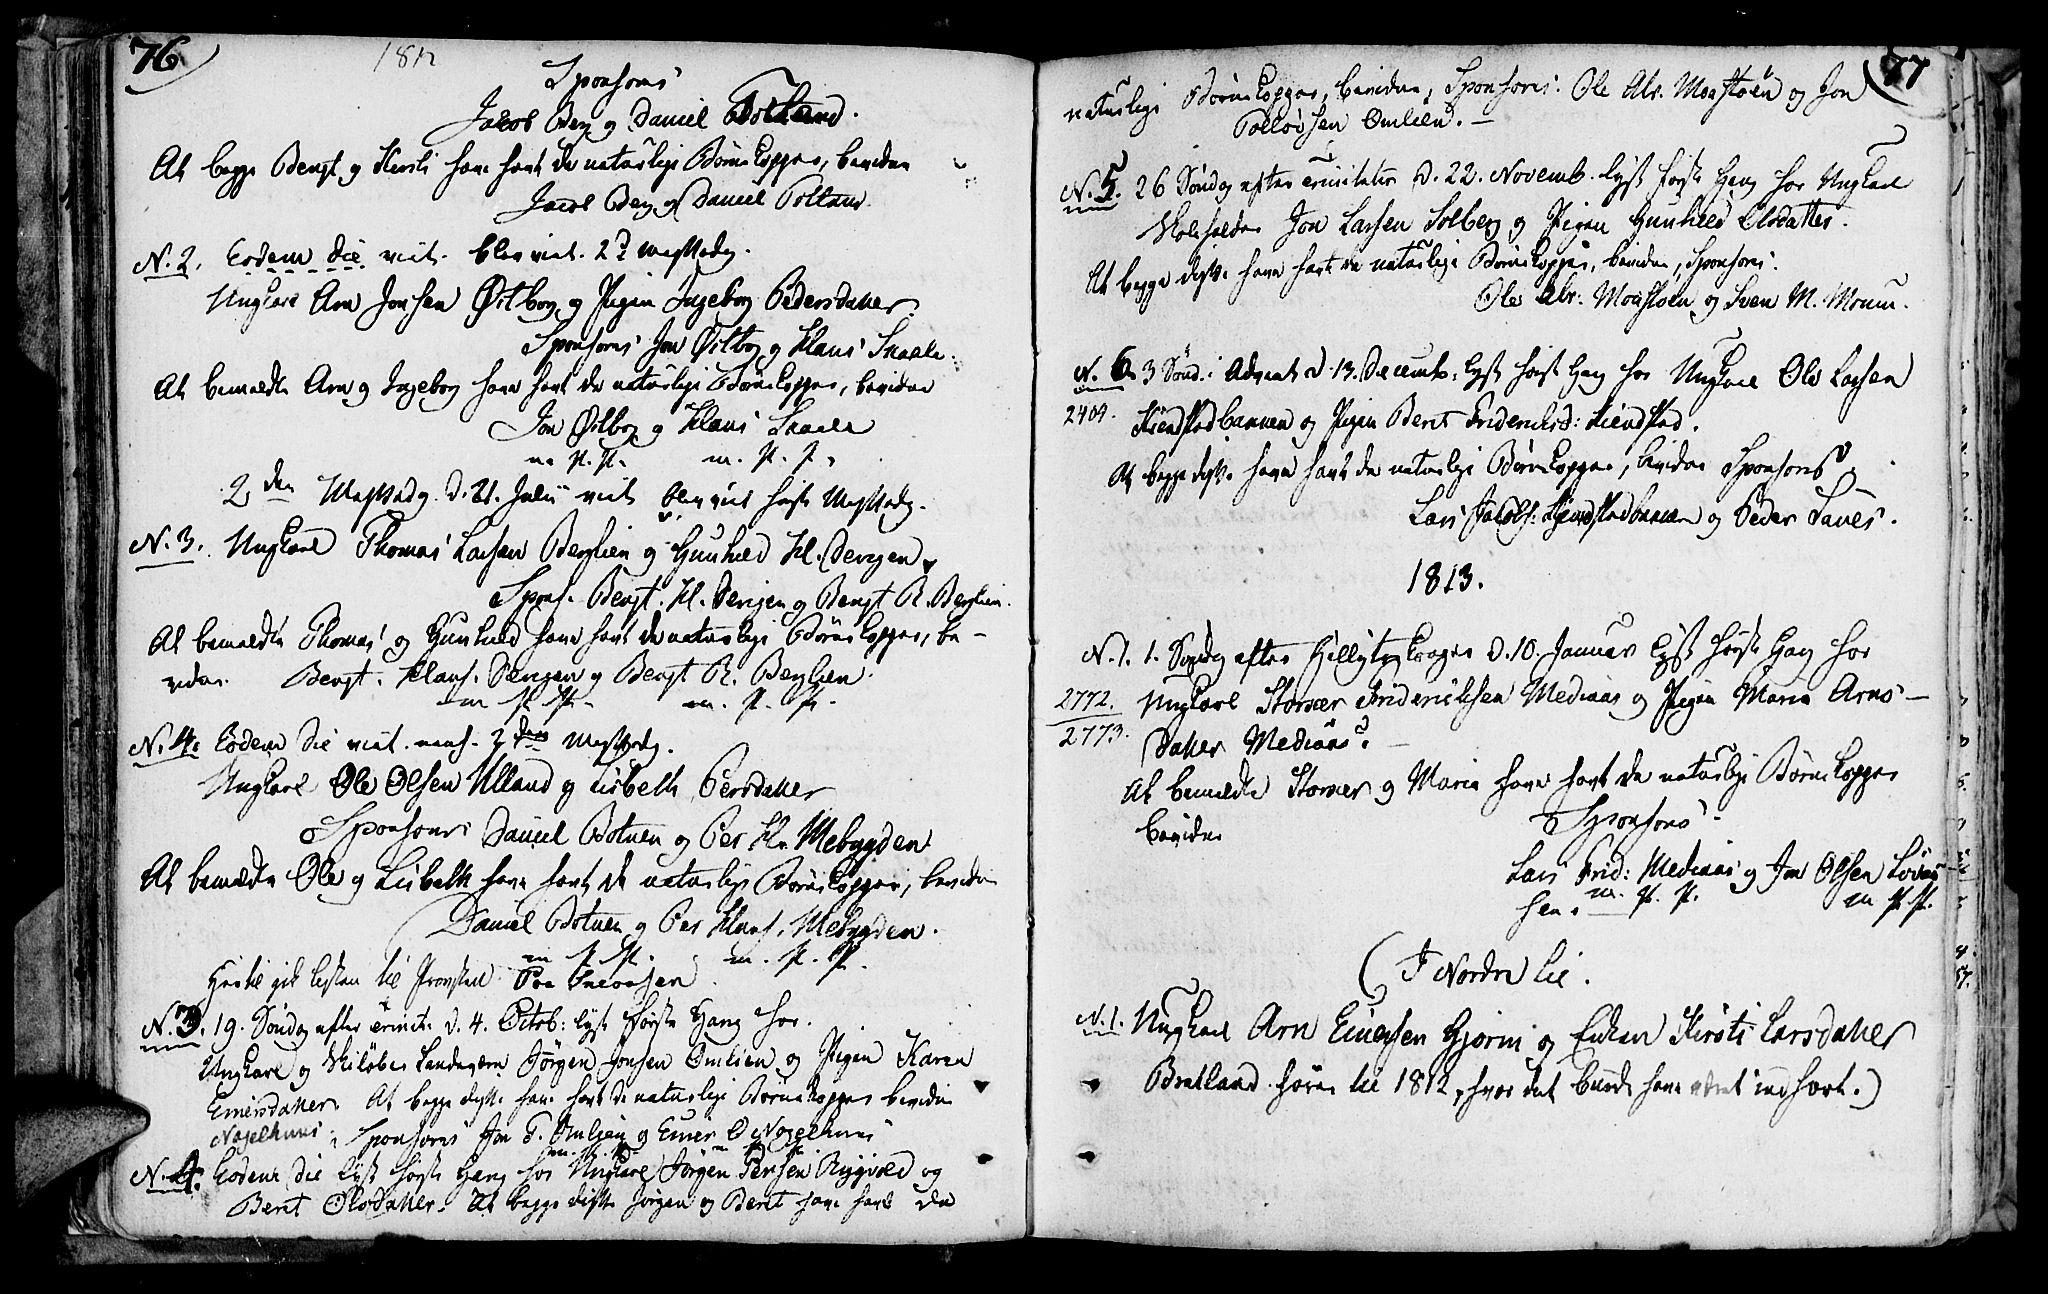 SAT, Ministerialprotokoller, klokkerbøker og fødselsregistre - Nord-Trøndelag, 749/L0468: Ministerialbok nr. 749A02, 1787-1817, s. 76-77